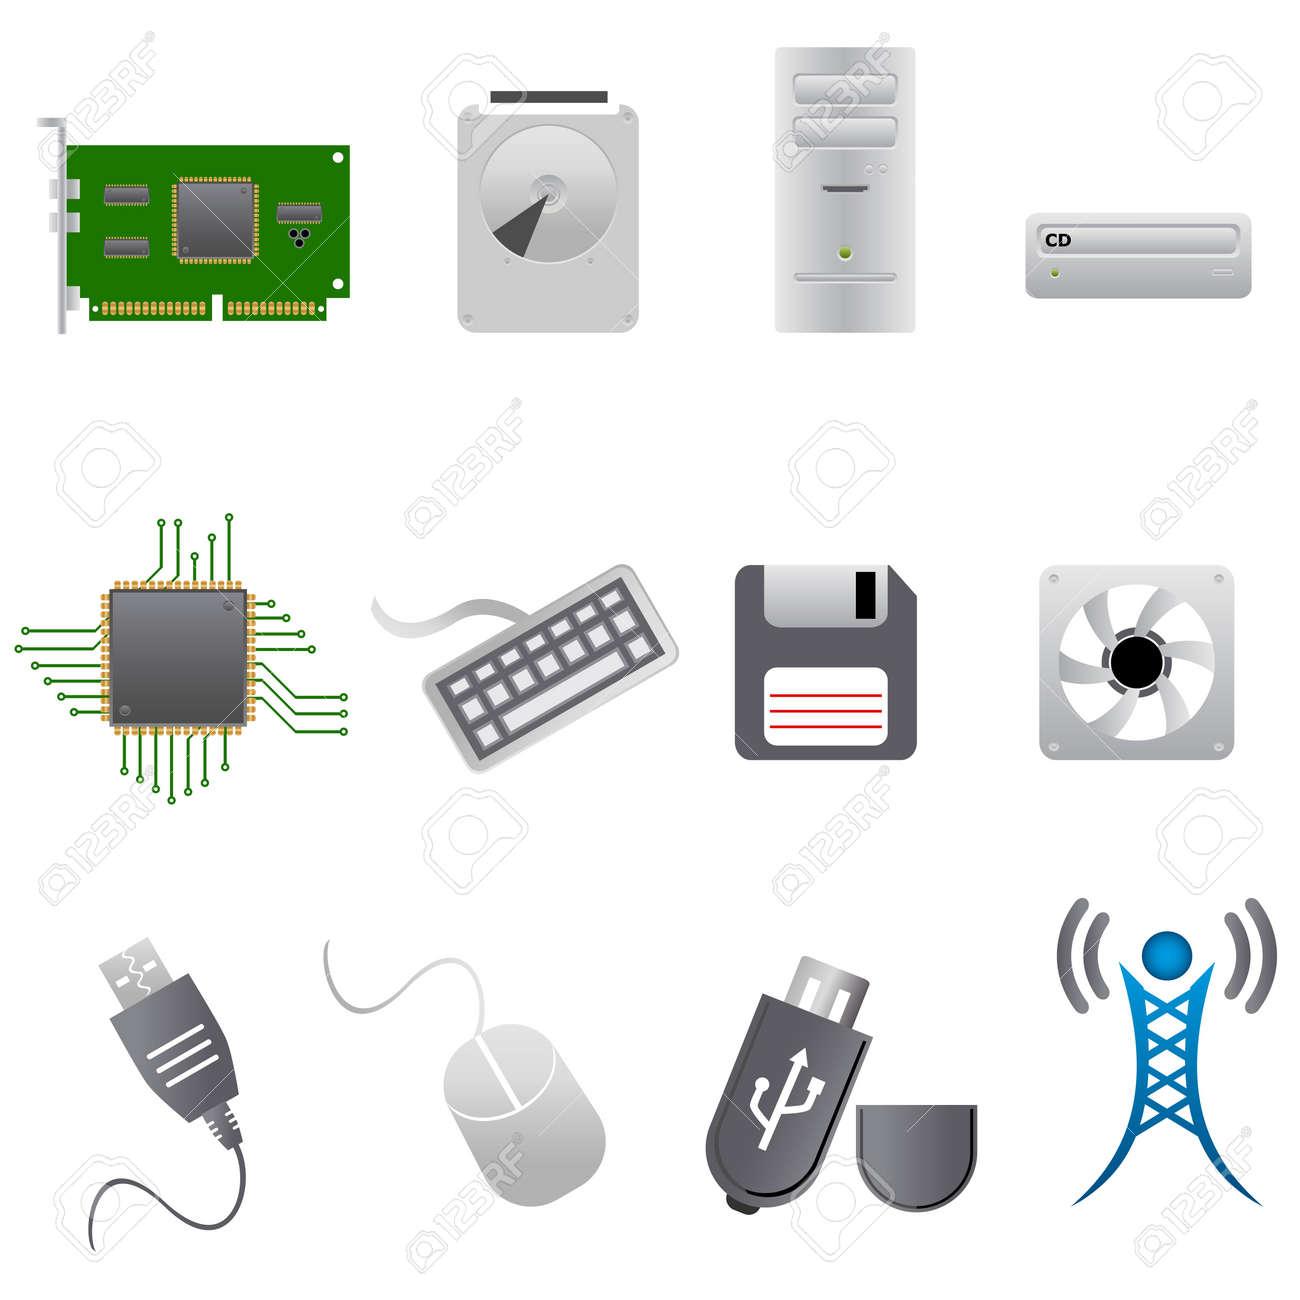 コンピューター部品、ハードウェアおよび周辺機器 ロイヤリティフリー